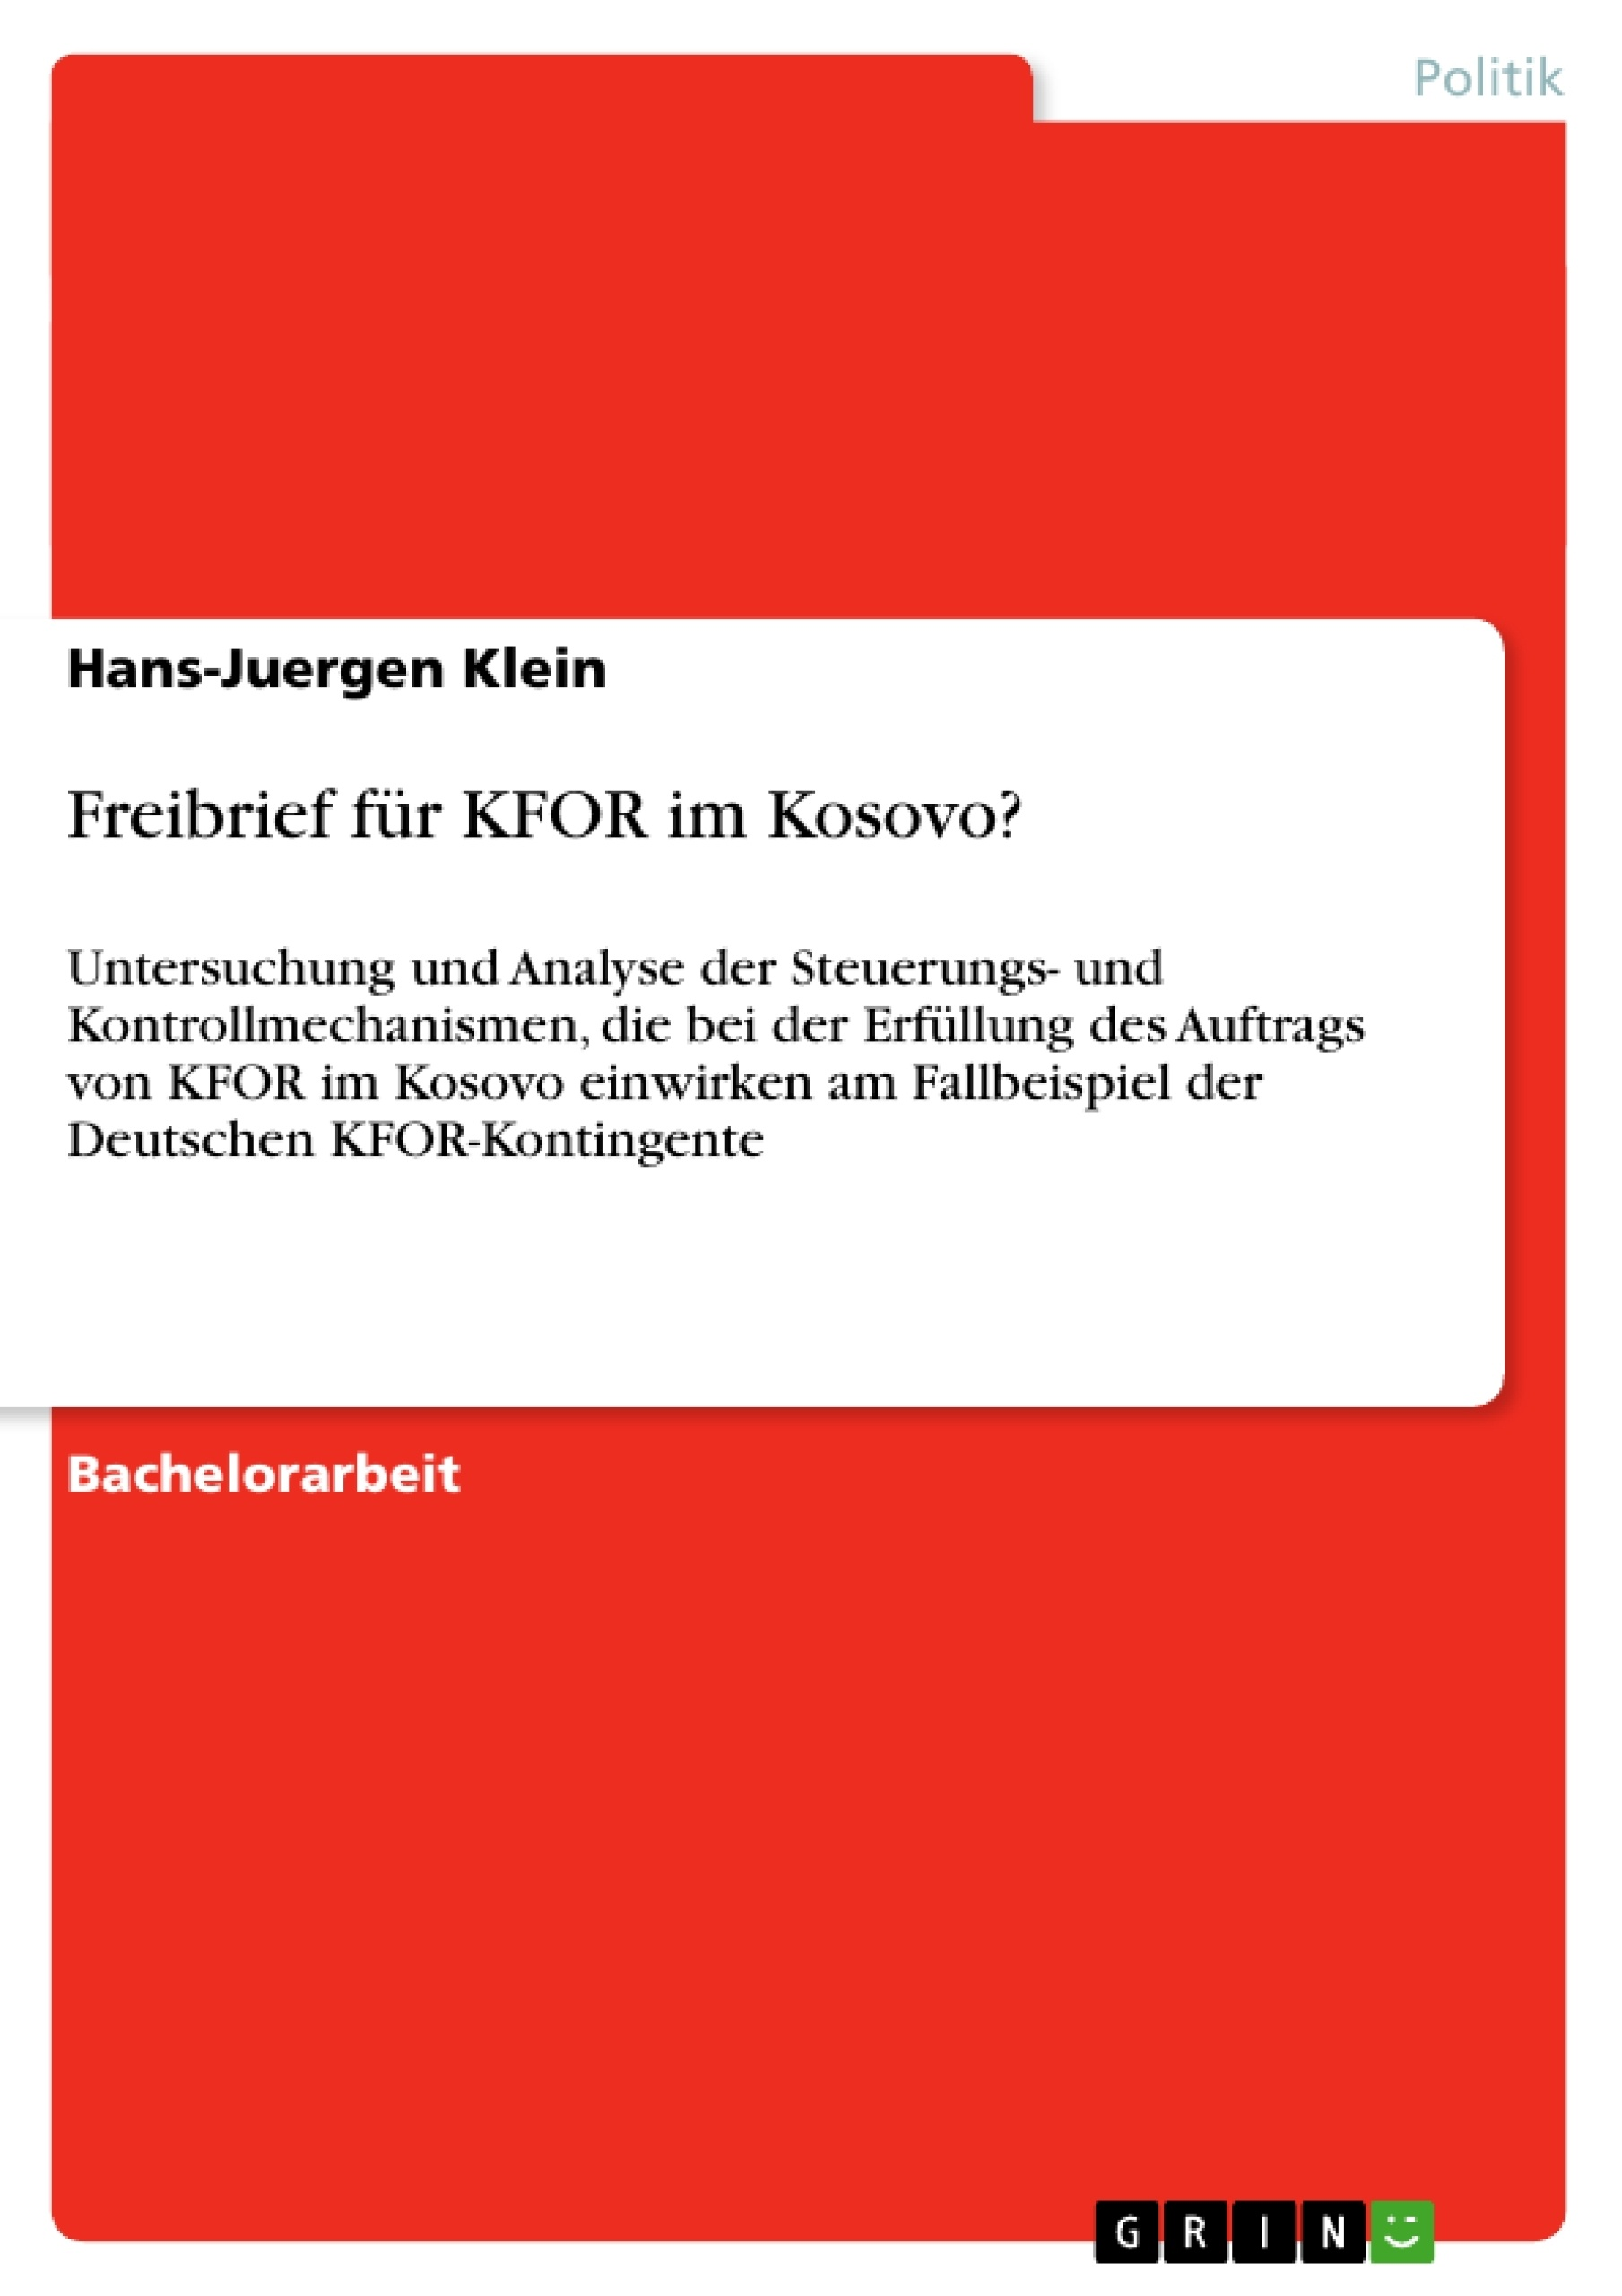 Titel: Freibrief für KFOR im Kosovo?